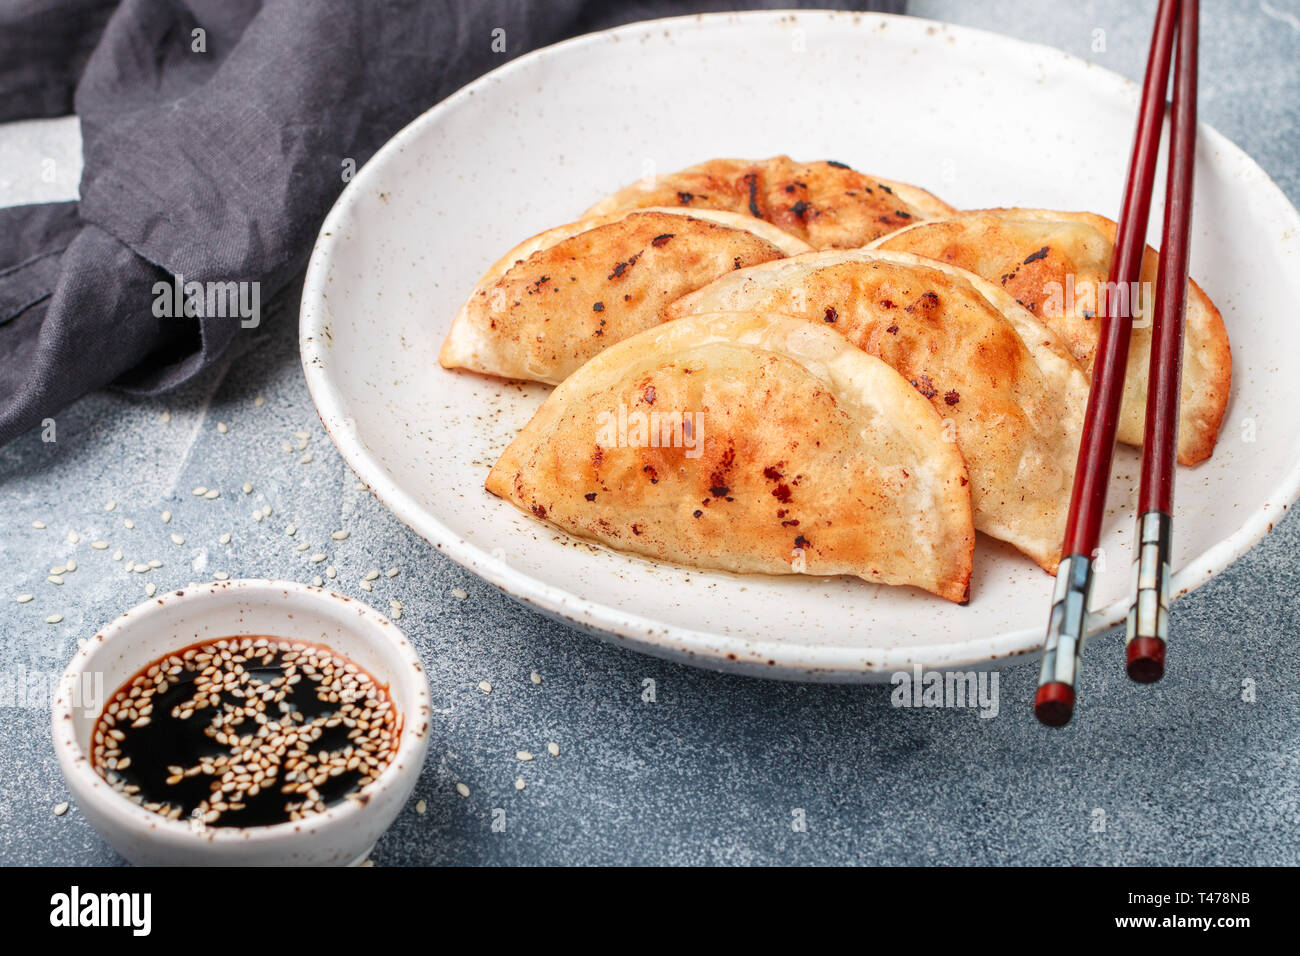 Boulettes frites avec de la viande (boeuf, porc) ou de fruits de mer, le chou et les épices dans une assiette blanche avec de la sauce soja et de graines de sésame. Cuisine asiatique traditionnelle. Le J Banque D'Images